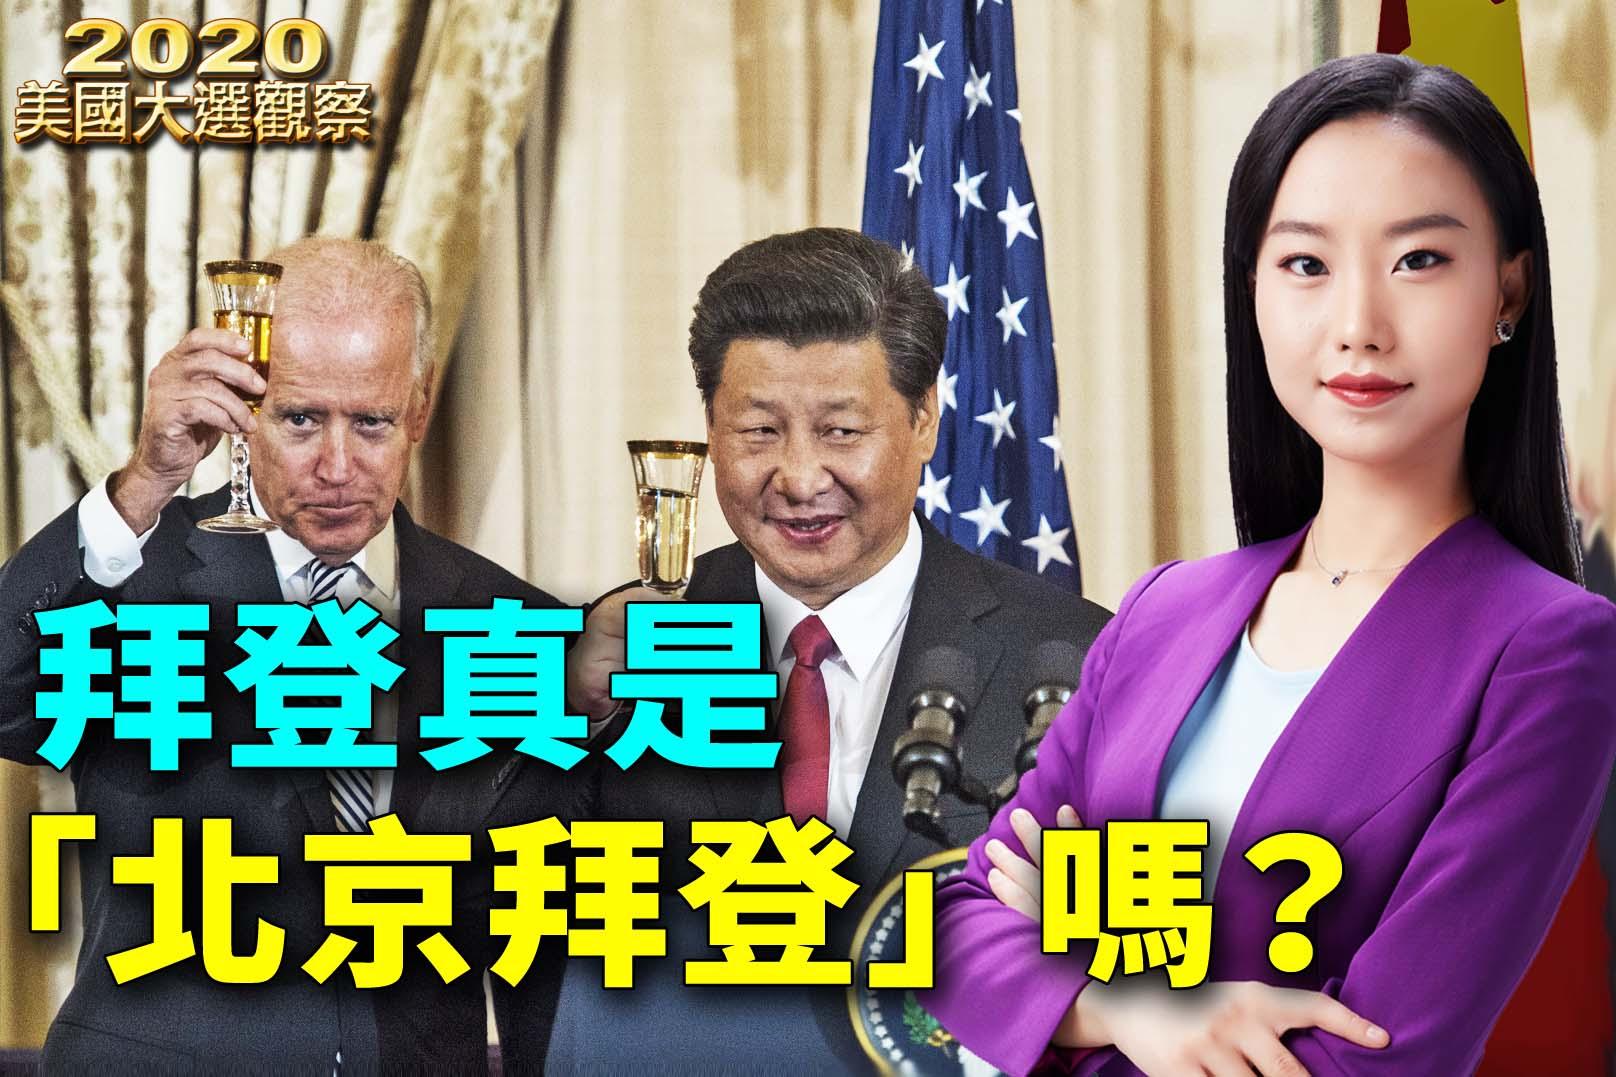 【大選觀察】拜登真的是「北京拜登」嗎?